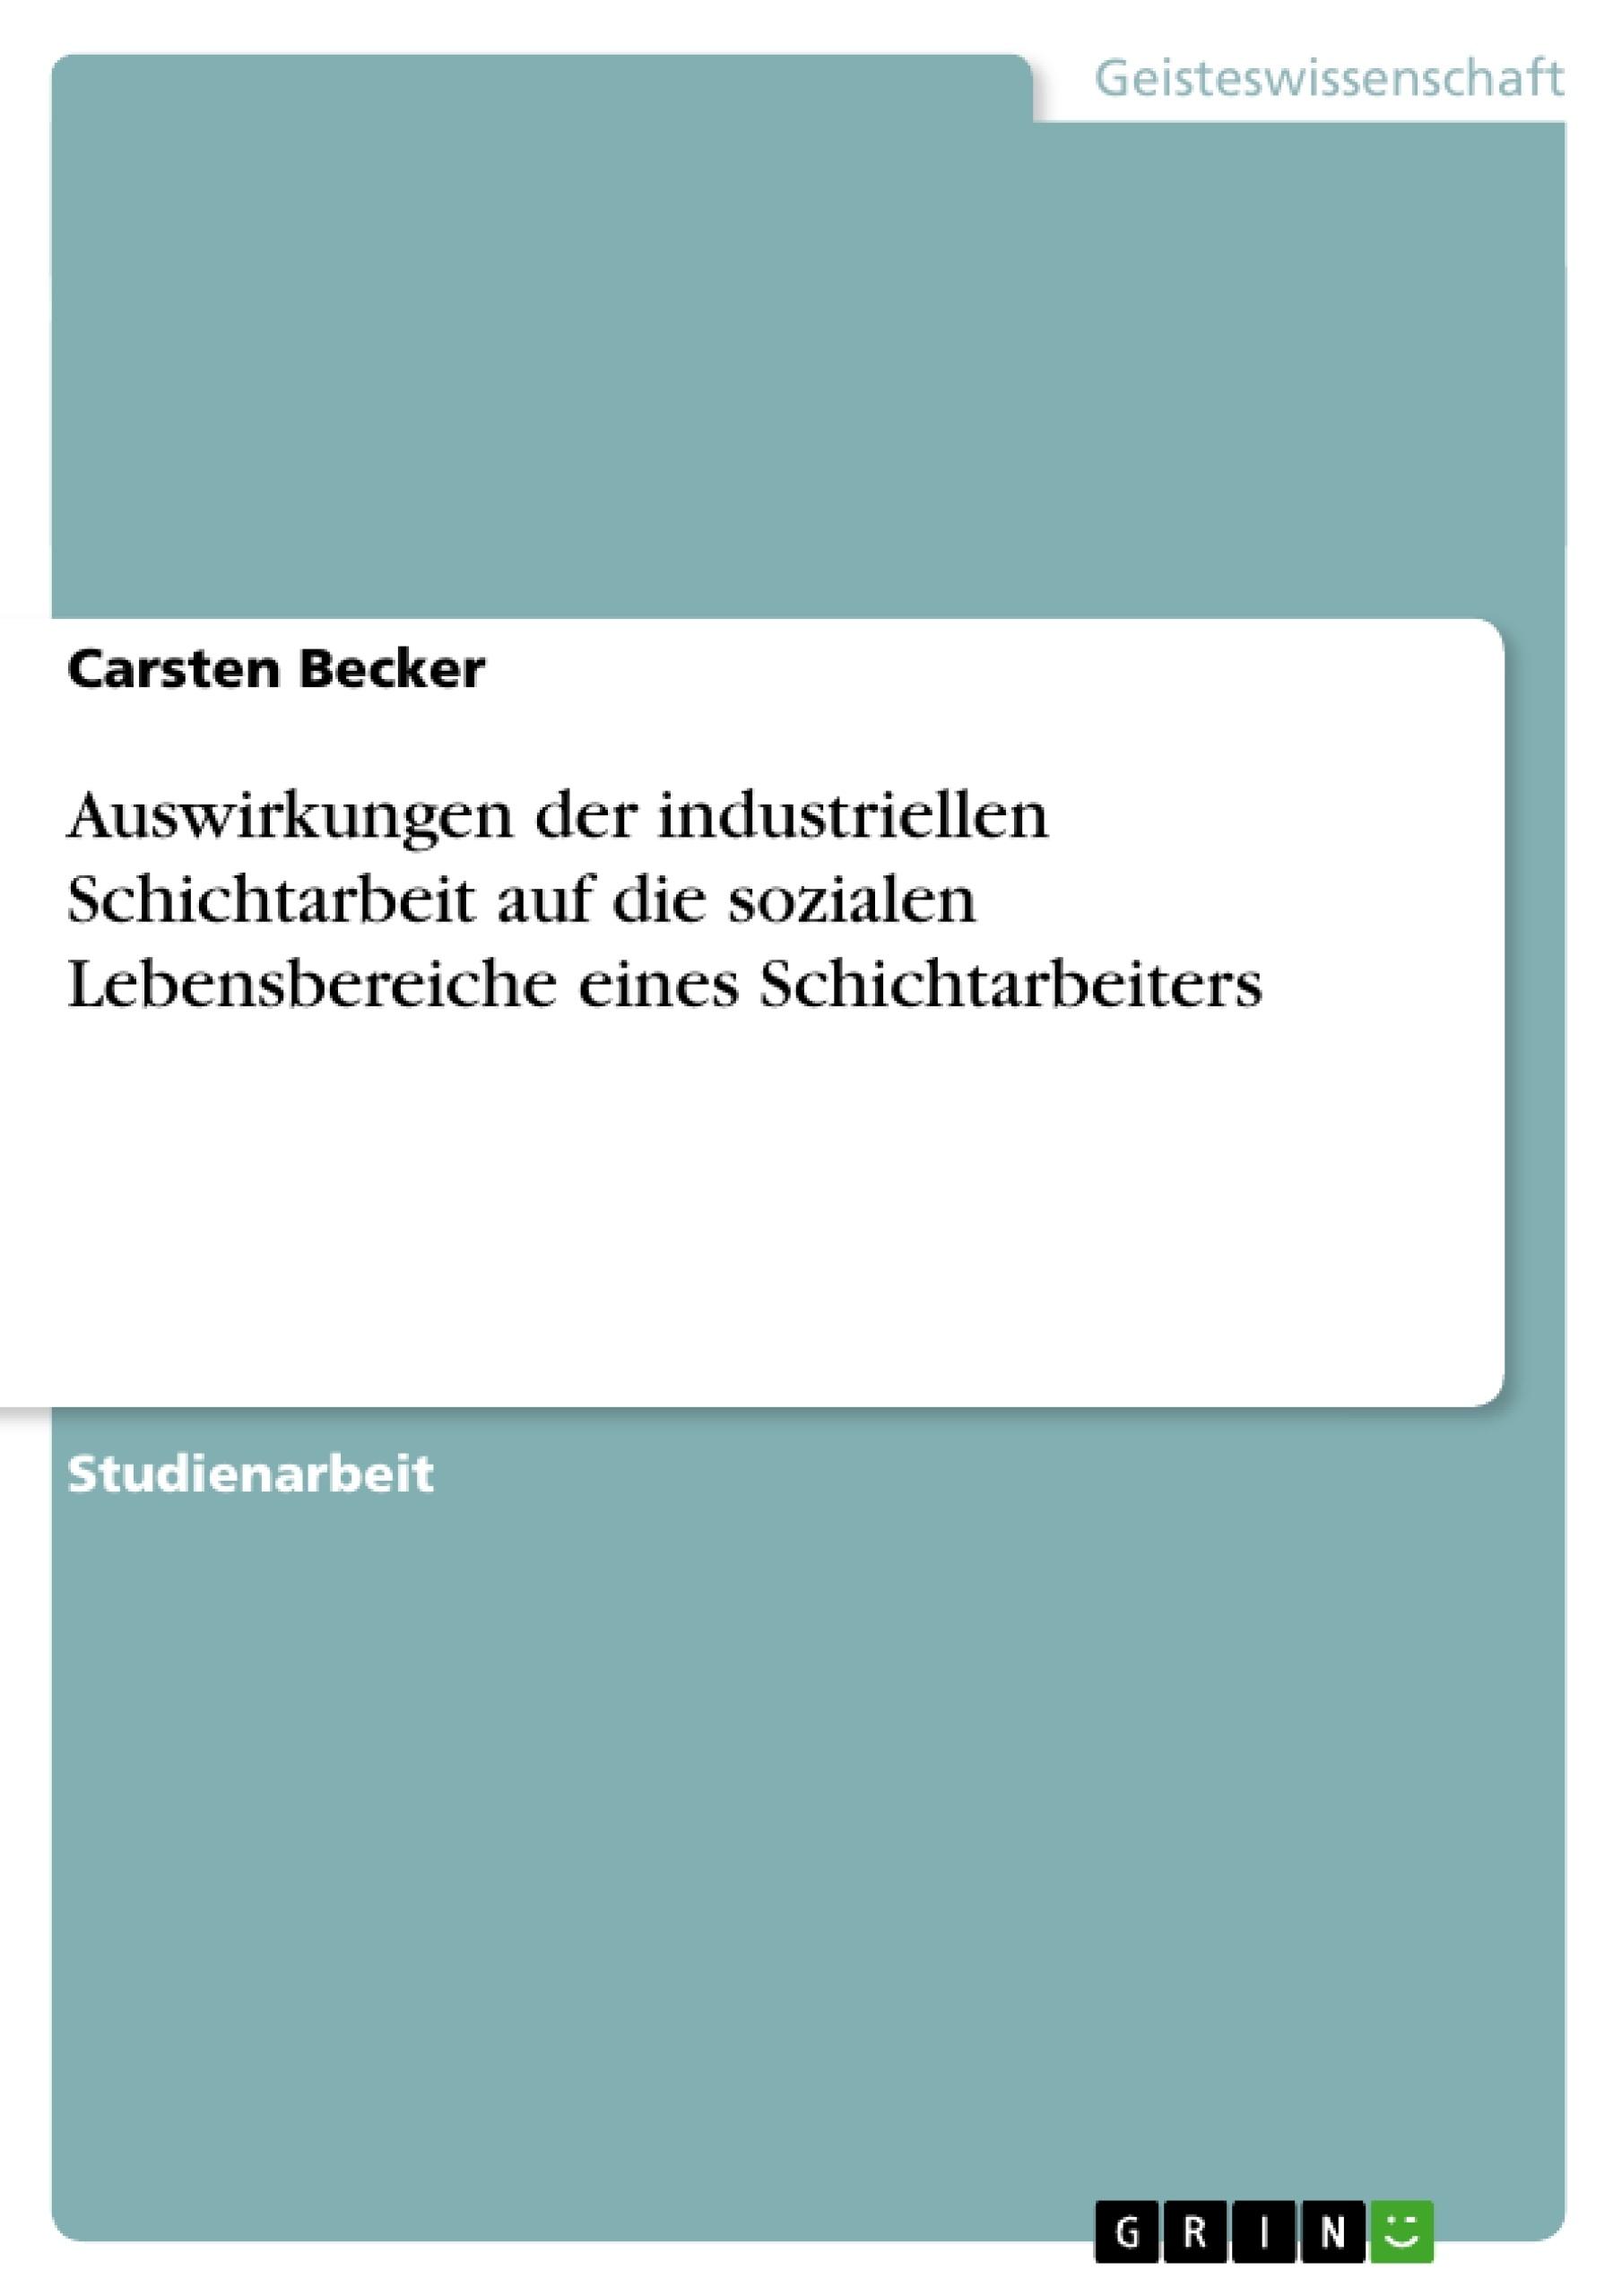 Titel: Auswirkungen der industriellen Schichtarbeit auf die sozialen Lebensbereiche eines Schichtarbeiters